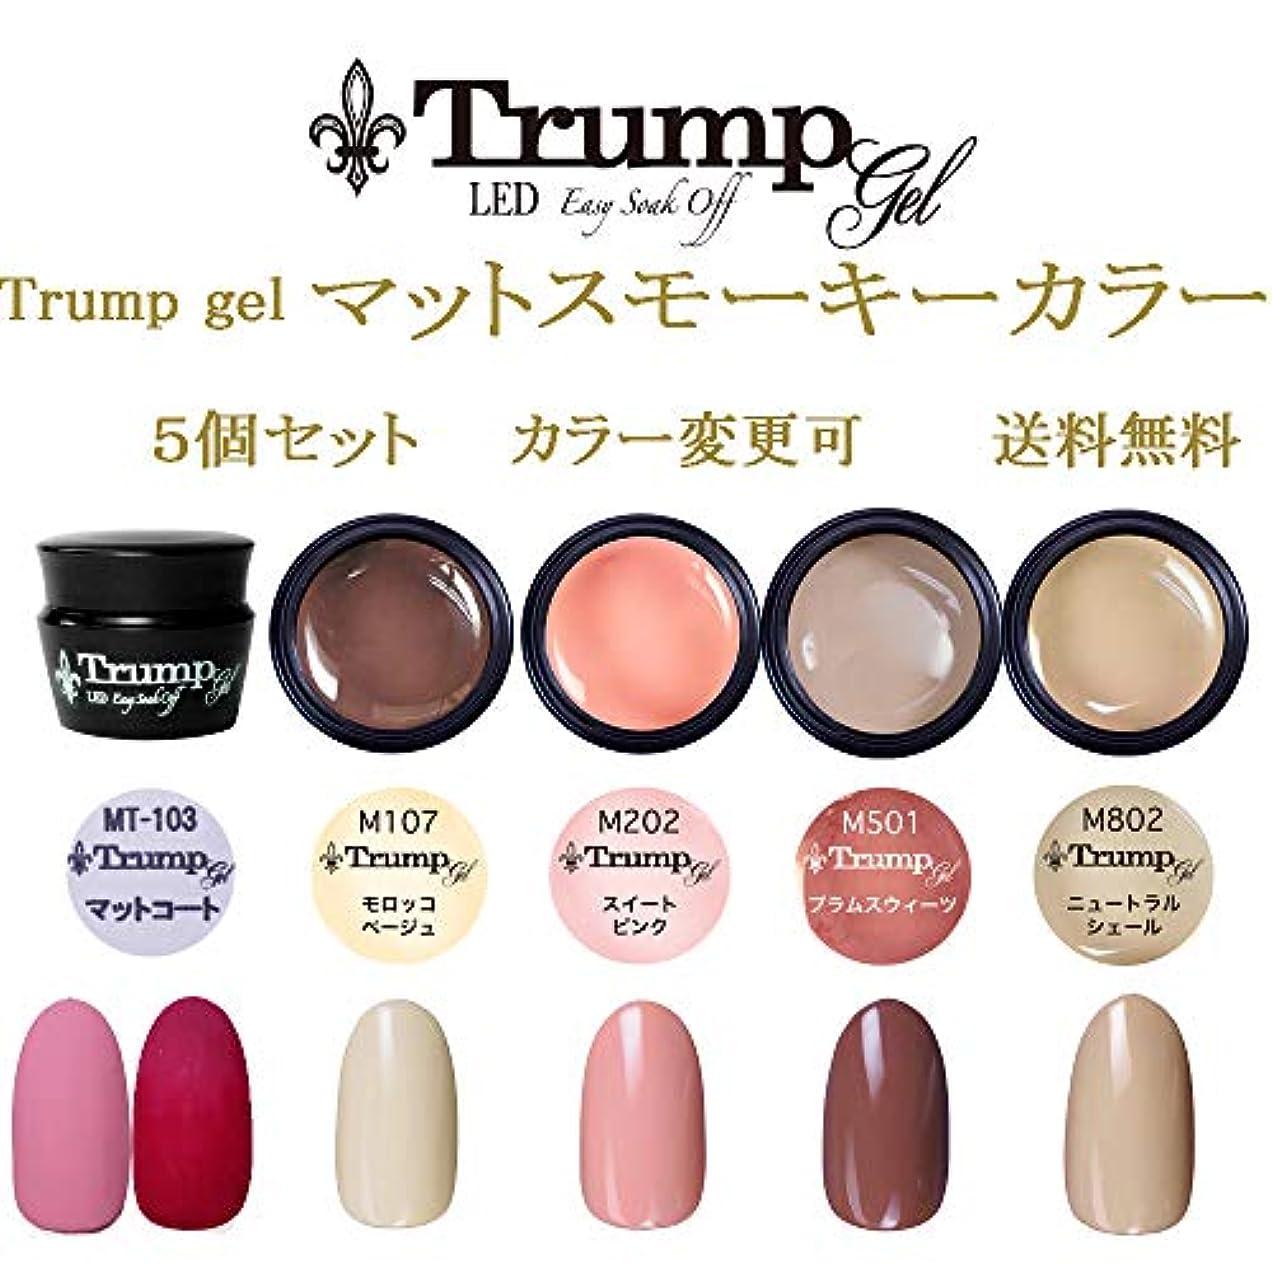 ひいきにするお金ゴム墓地【送料無料】Trumpマットスモーキーカラー選べる カラージェル5個セット